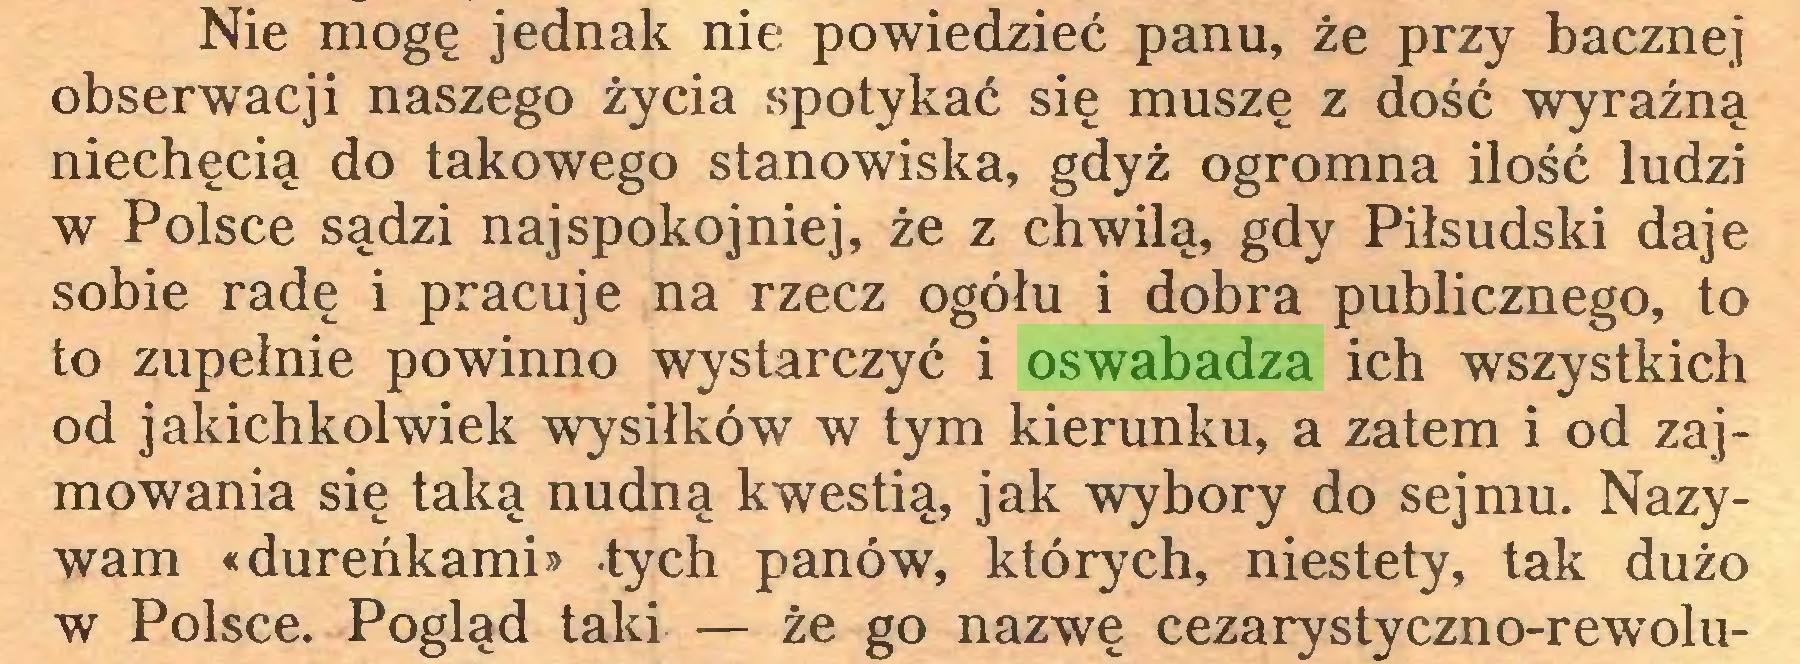 (...) Nie mogę jednak nie powiedzieć panu, że przy bacznej obserwacji naszego życia spotykać się muszę z dość wyraźną niechęcią do takowego stanowiska, gdyż ogromna ilość ludzi w Polsce sądzi najspokojniej, że z chwilą, gdy Piłsudski daje sobie radę i pracuje na rzecz ogółu i dobra publicznego, to to zupełnie powinno wystarczyć i oswabadza ich wszystkich od jakichkolwiek wysiłków w tym kierunku, a zatem i od zajmowania się taką nudną kwestią, jak wybory do sejmu. Nazywam «dureńkami» tych panów, których, niestety, tak dużo w Polsce. Pogląd taki — że go nazwę cezarystyczno-rewolu...